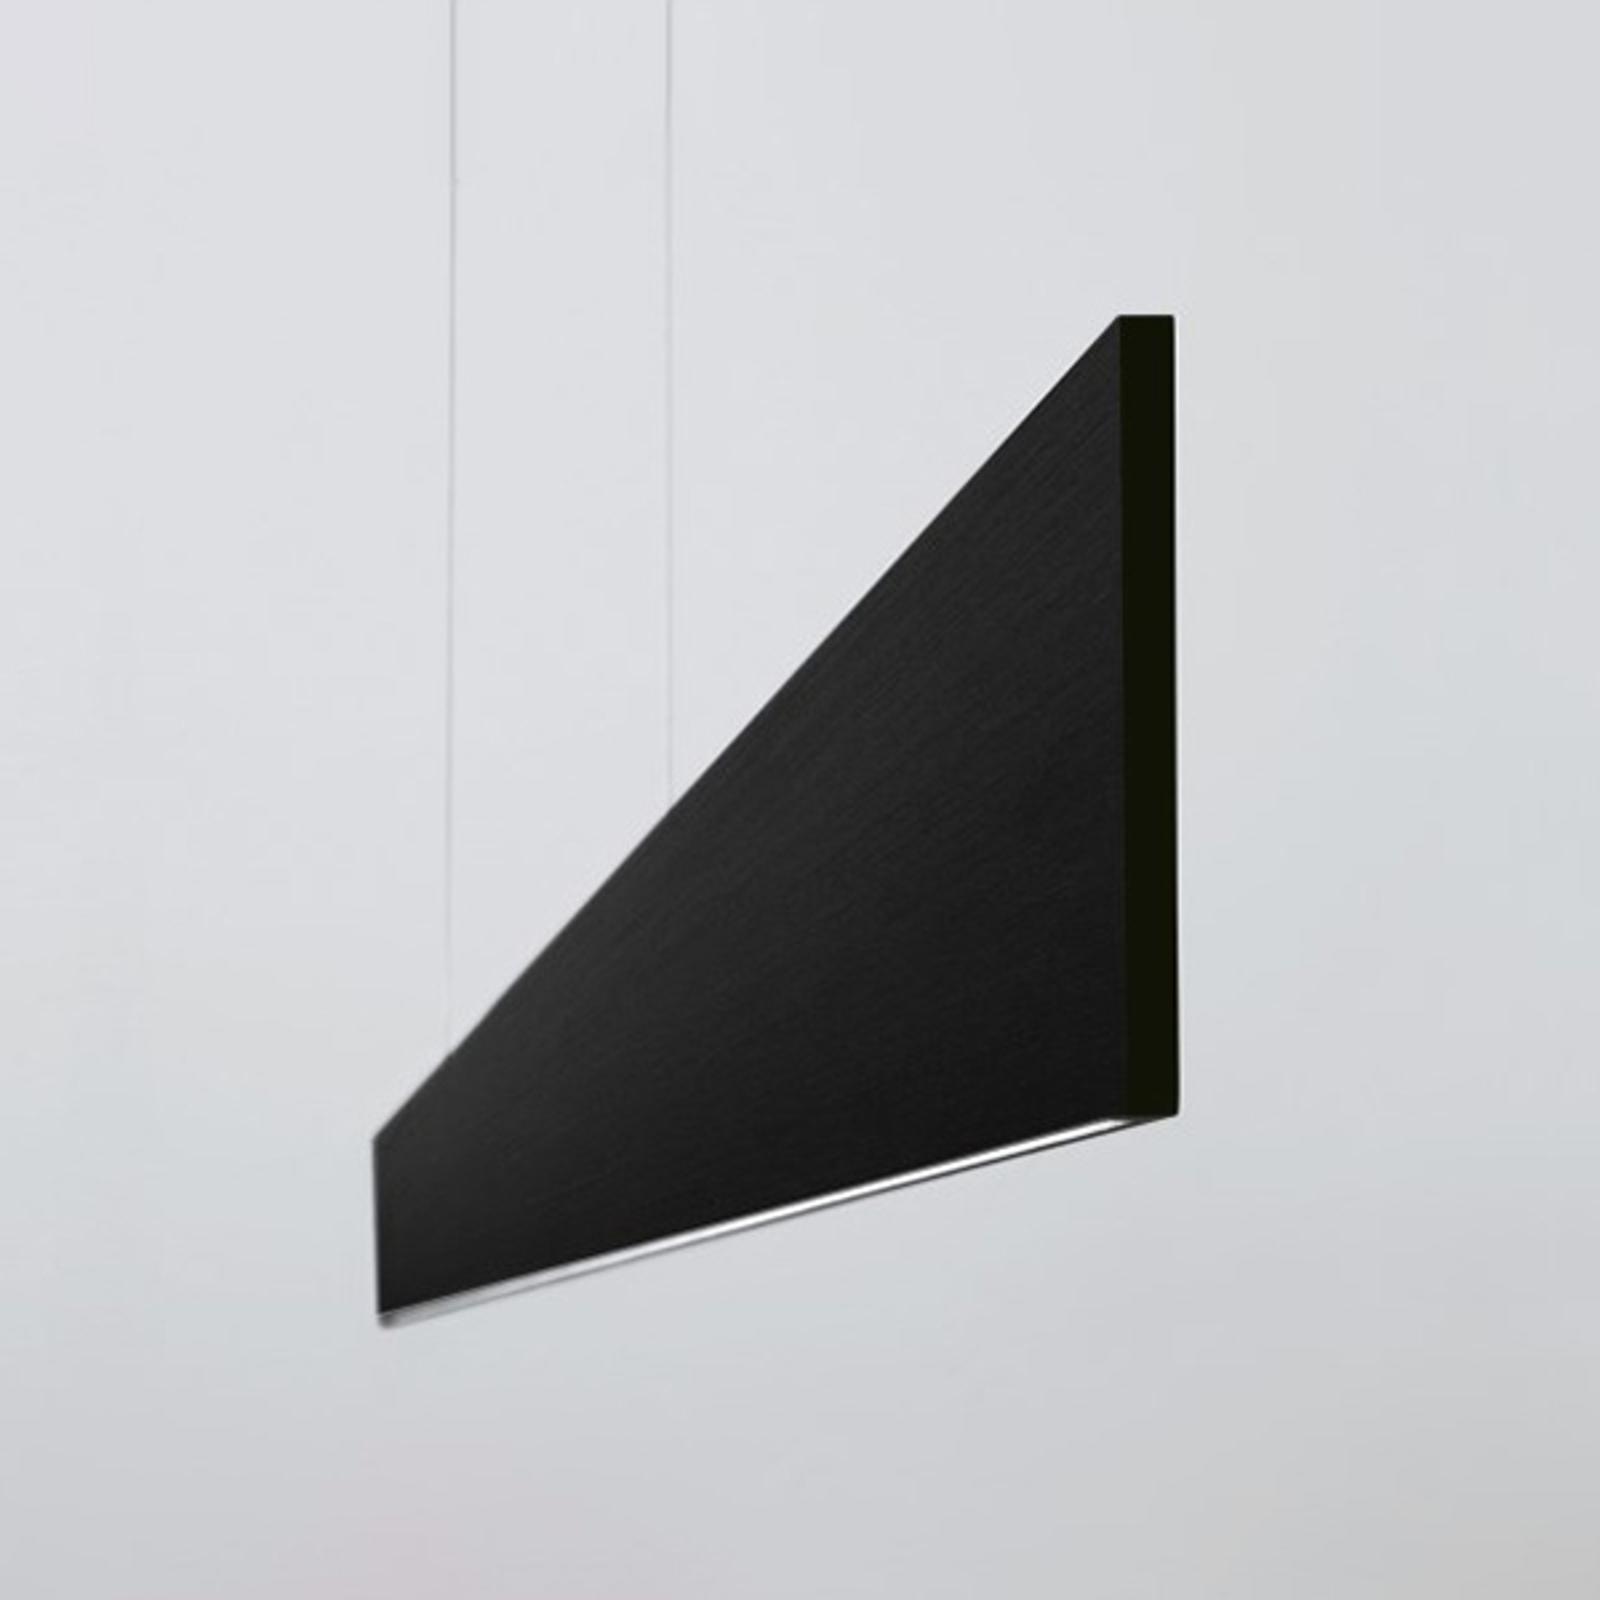 Lampa wisząca LED After 8 122cm 1-10V czarna